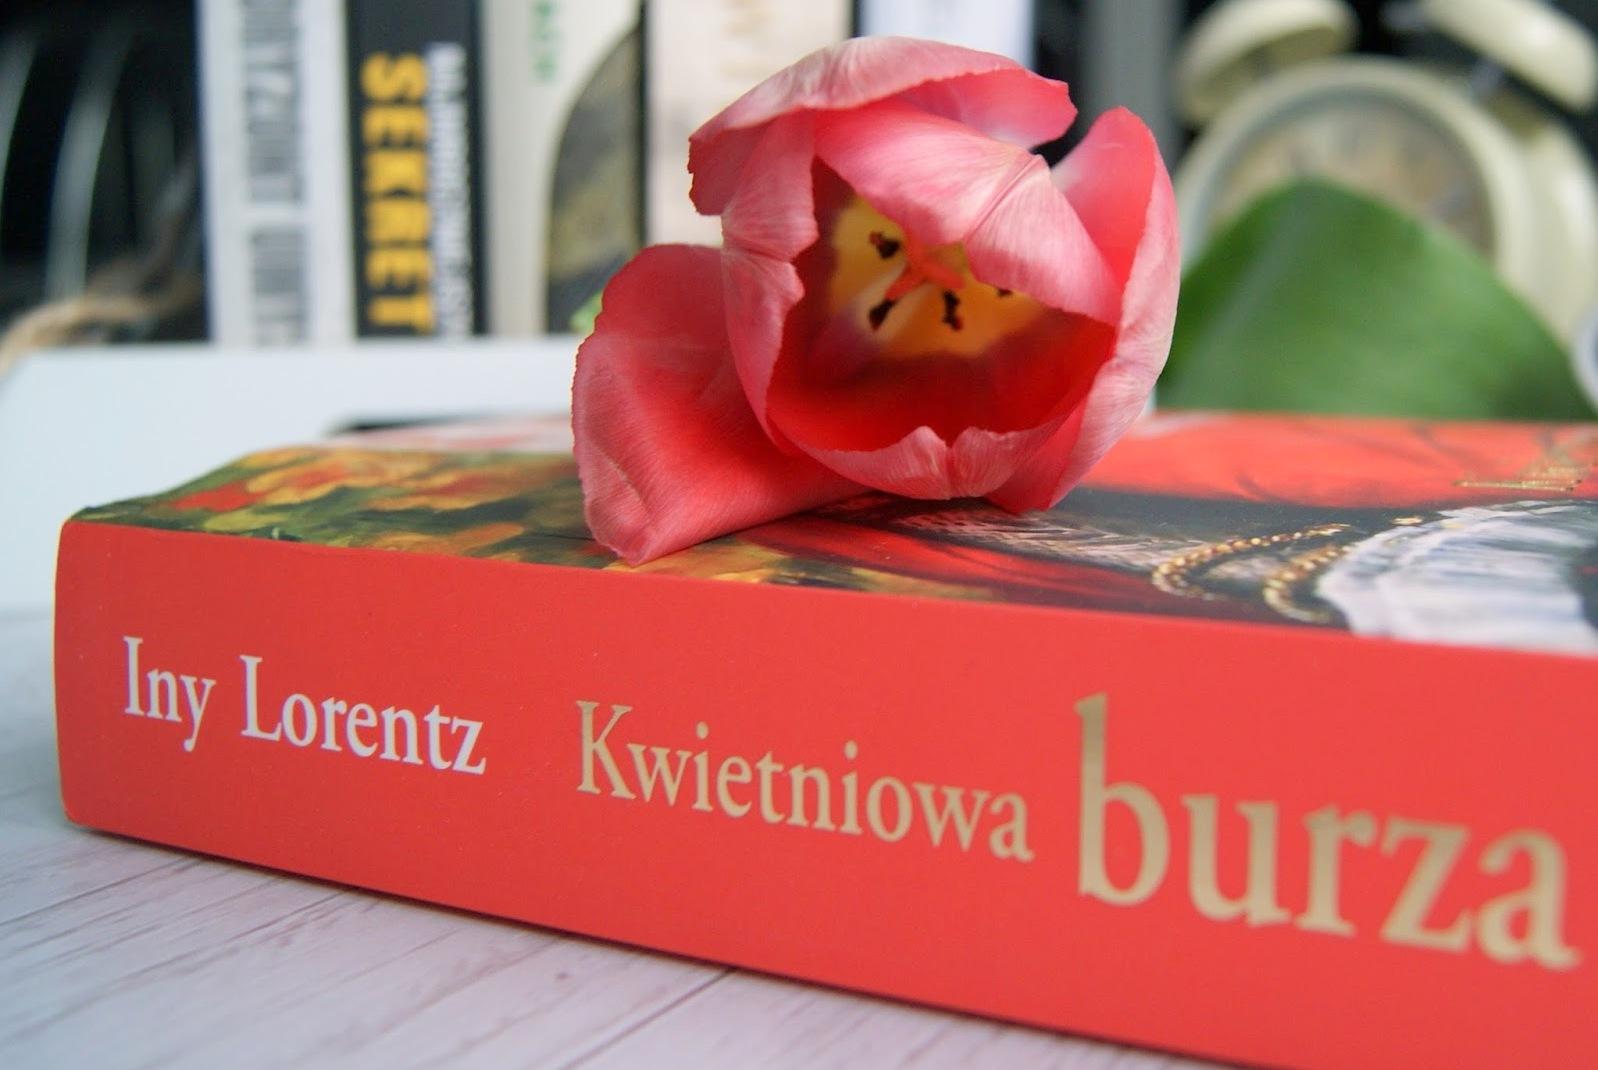 """""""KWIETNIOWA BURZA"""" - INY LORENTZ"""